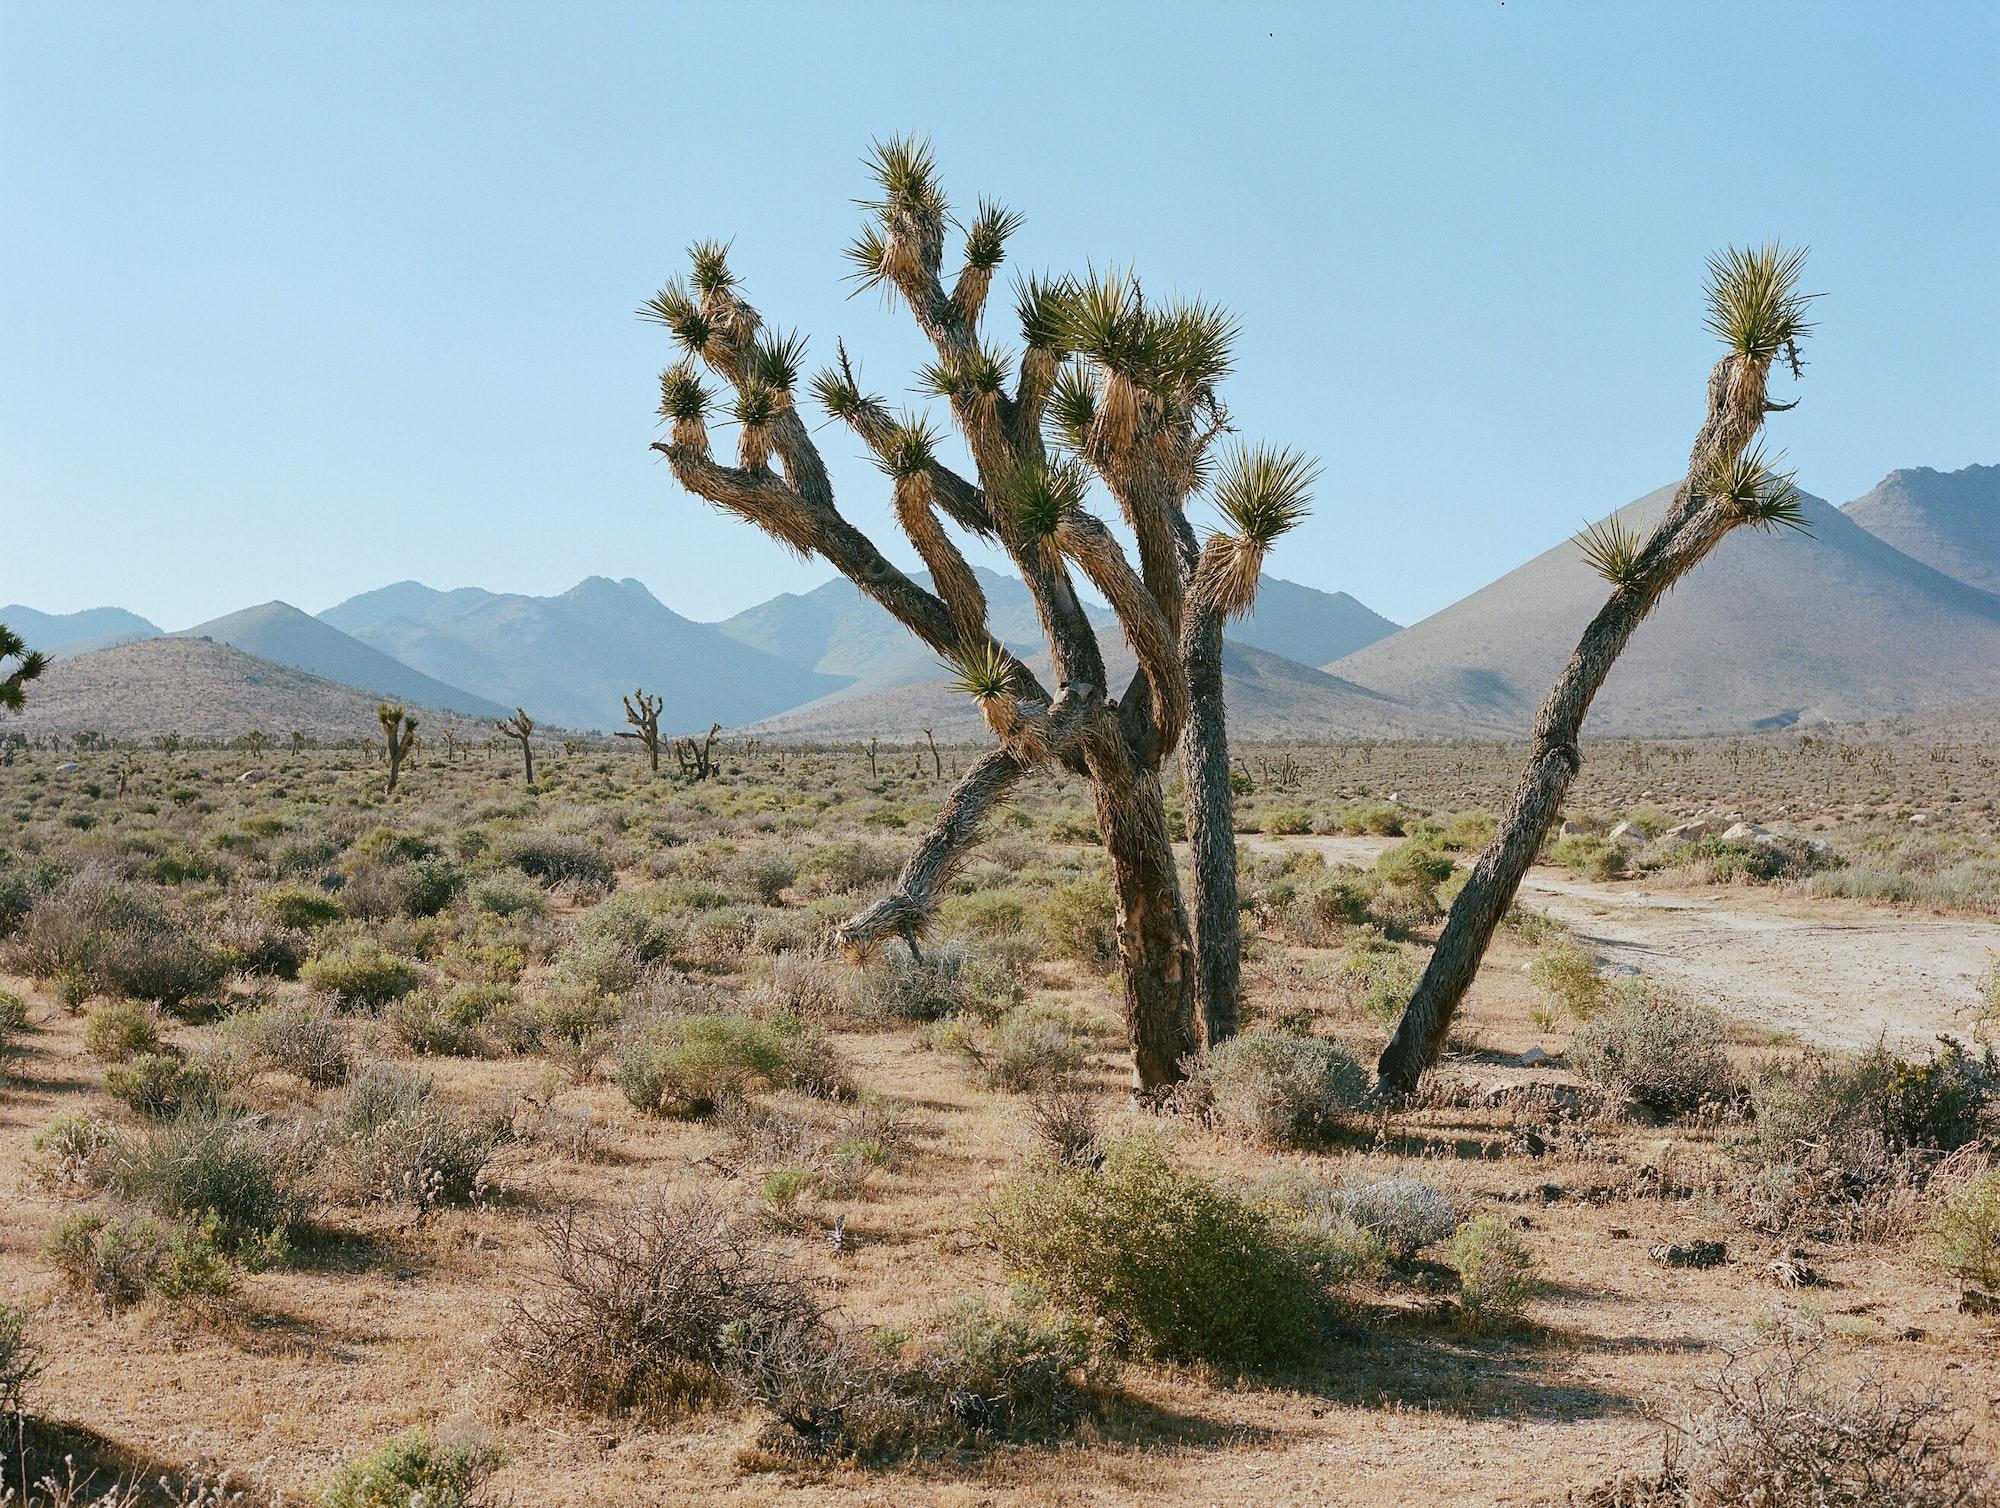 Värmerekord i Death Valley - och det är delvis ditt fel